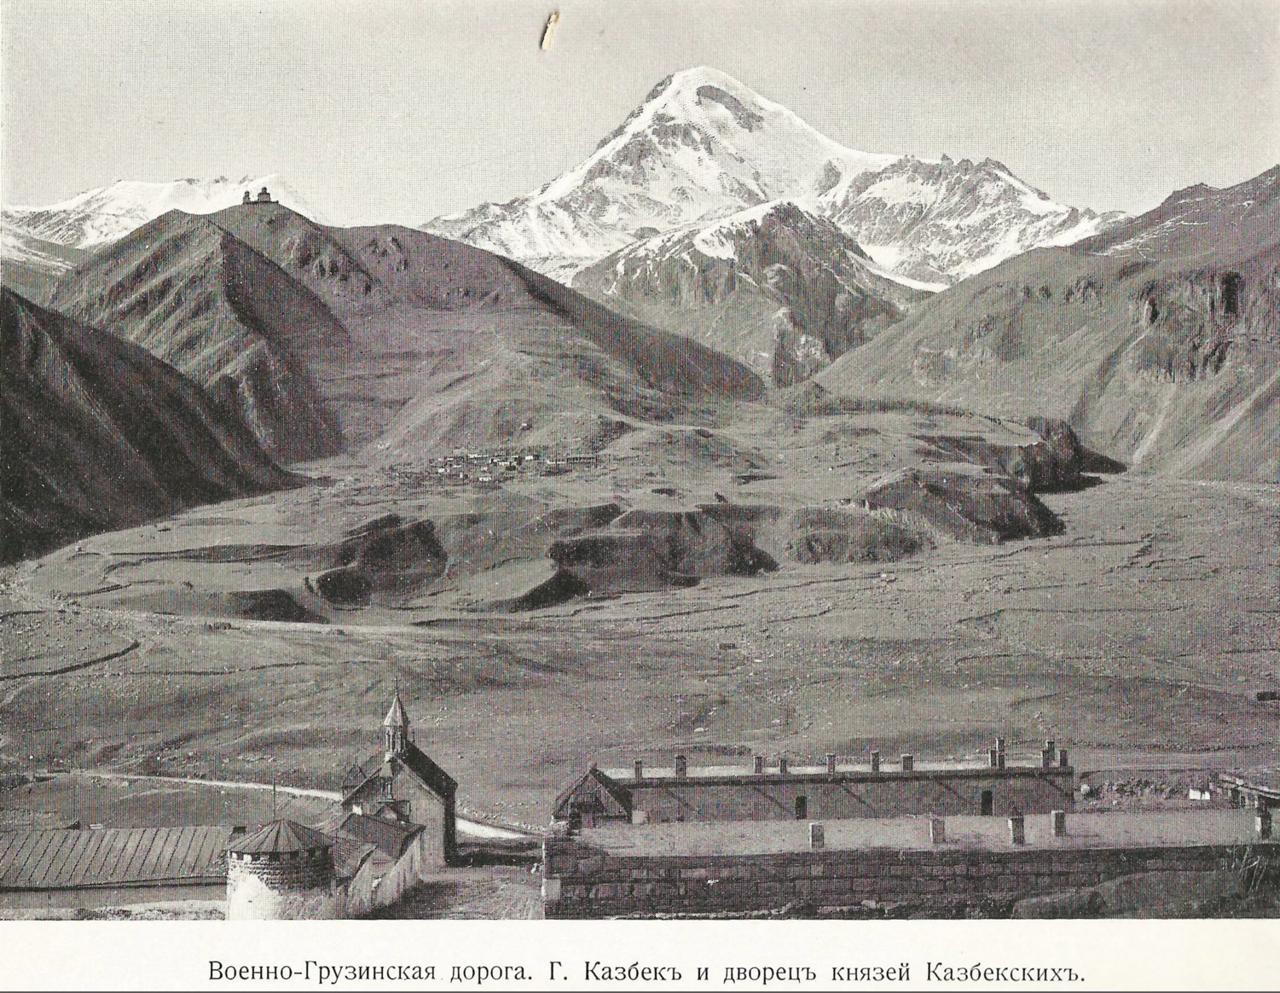 Гора Казбек и дворец князей Казбекских